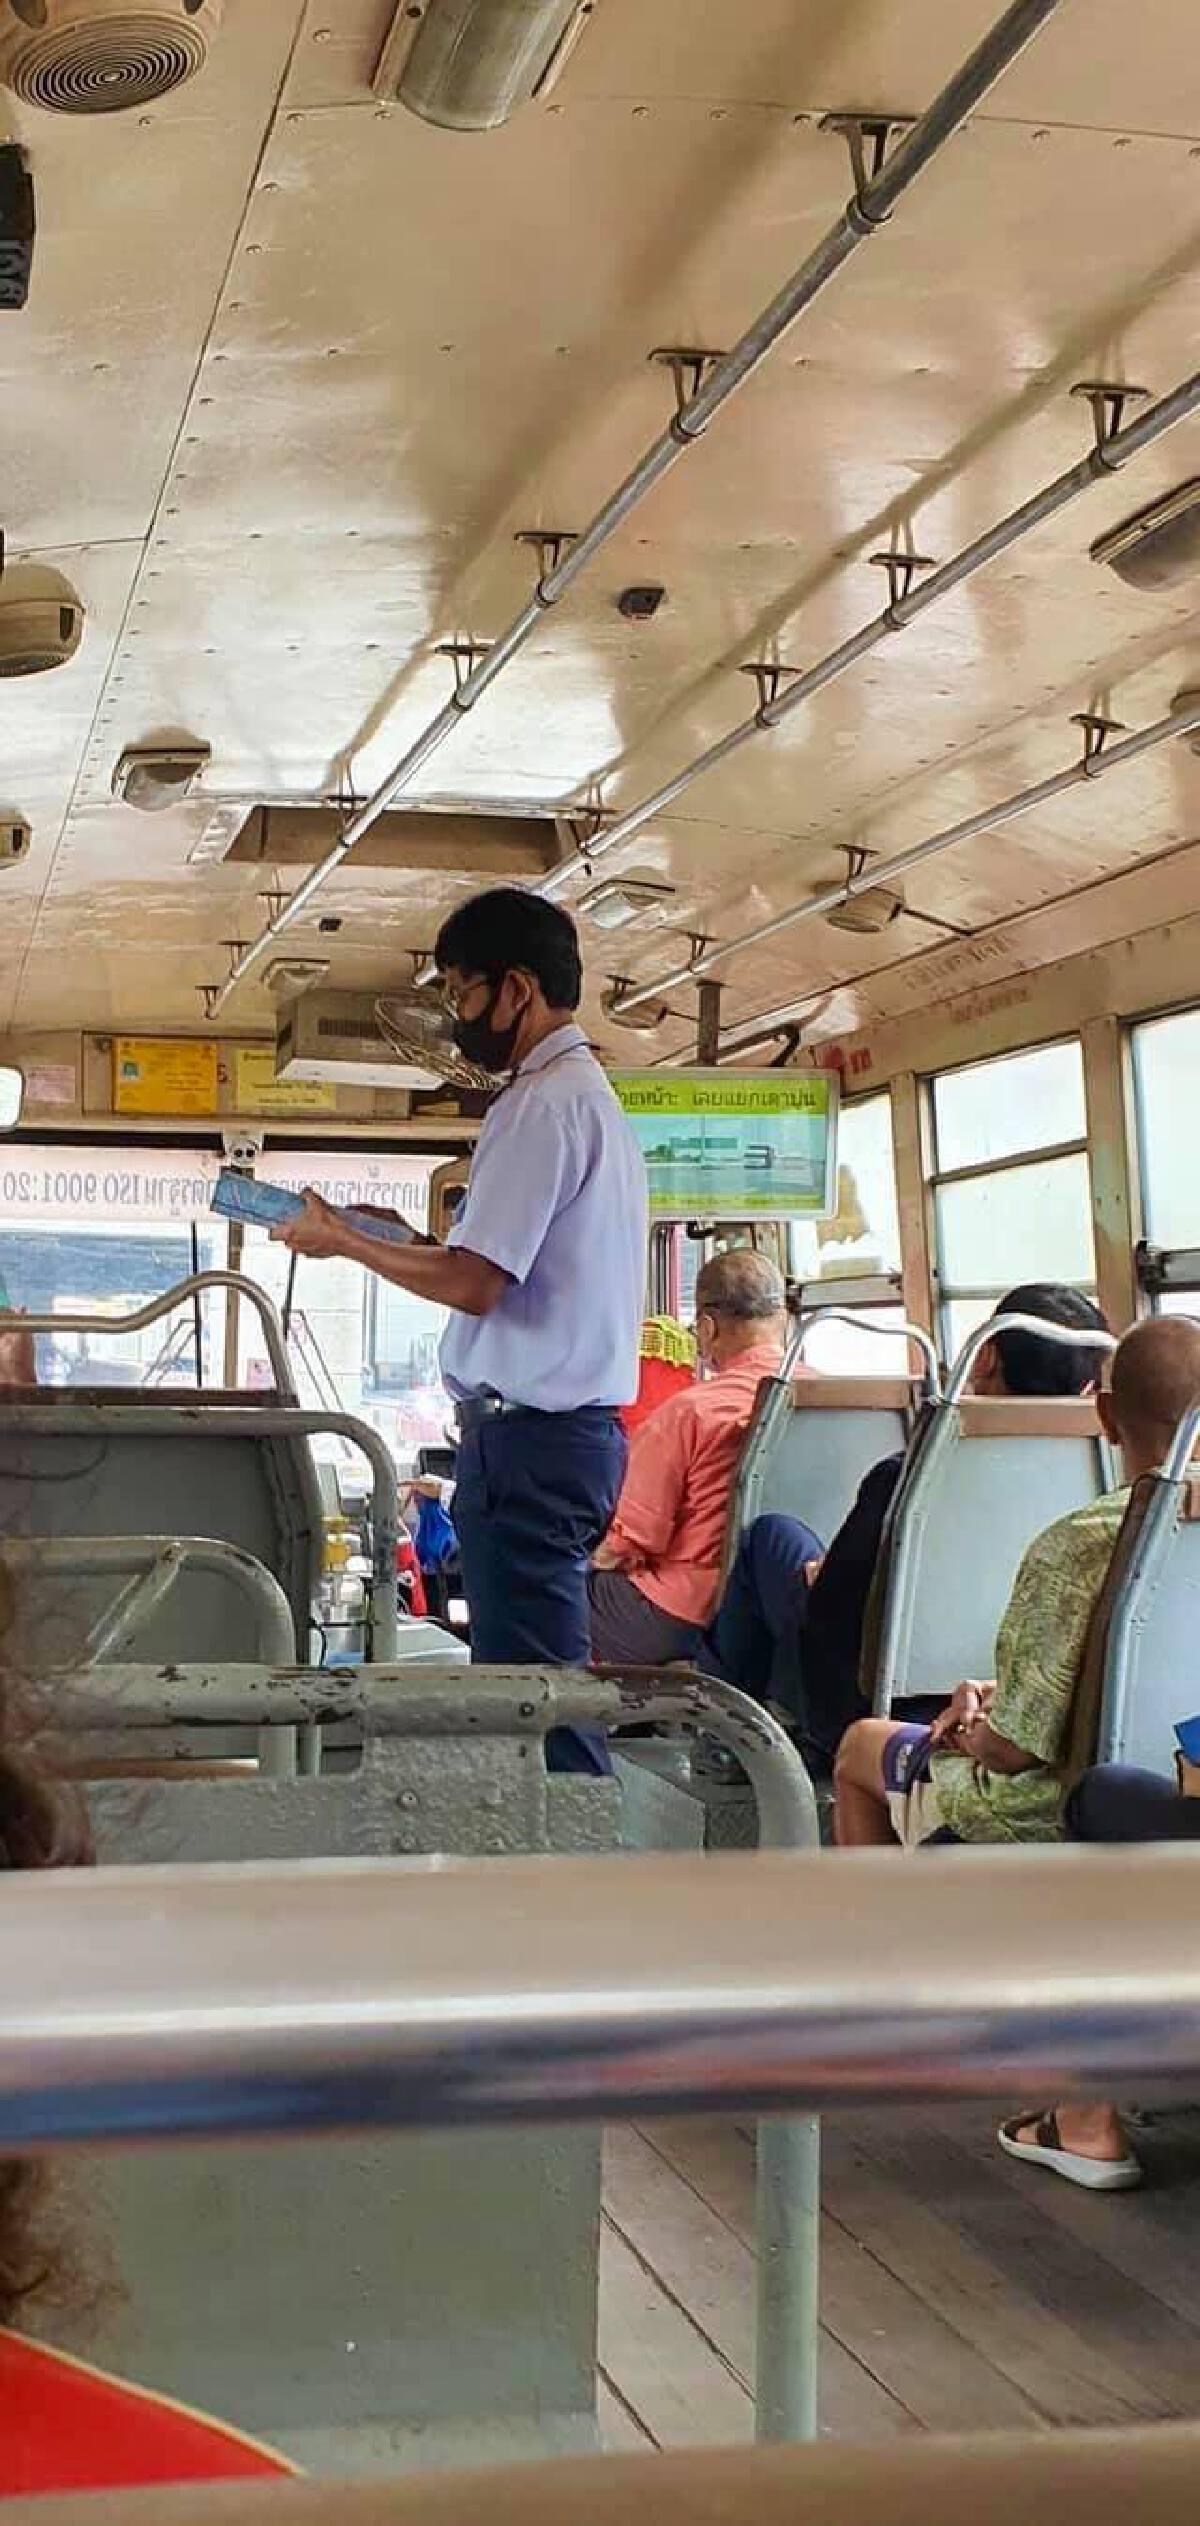 ชื่นชมกระเป๋ารถเมล์สาย 65  ช่วยเหลือผู้โดยสาร ขึ้น - ลงตลอดสาย